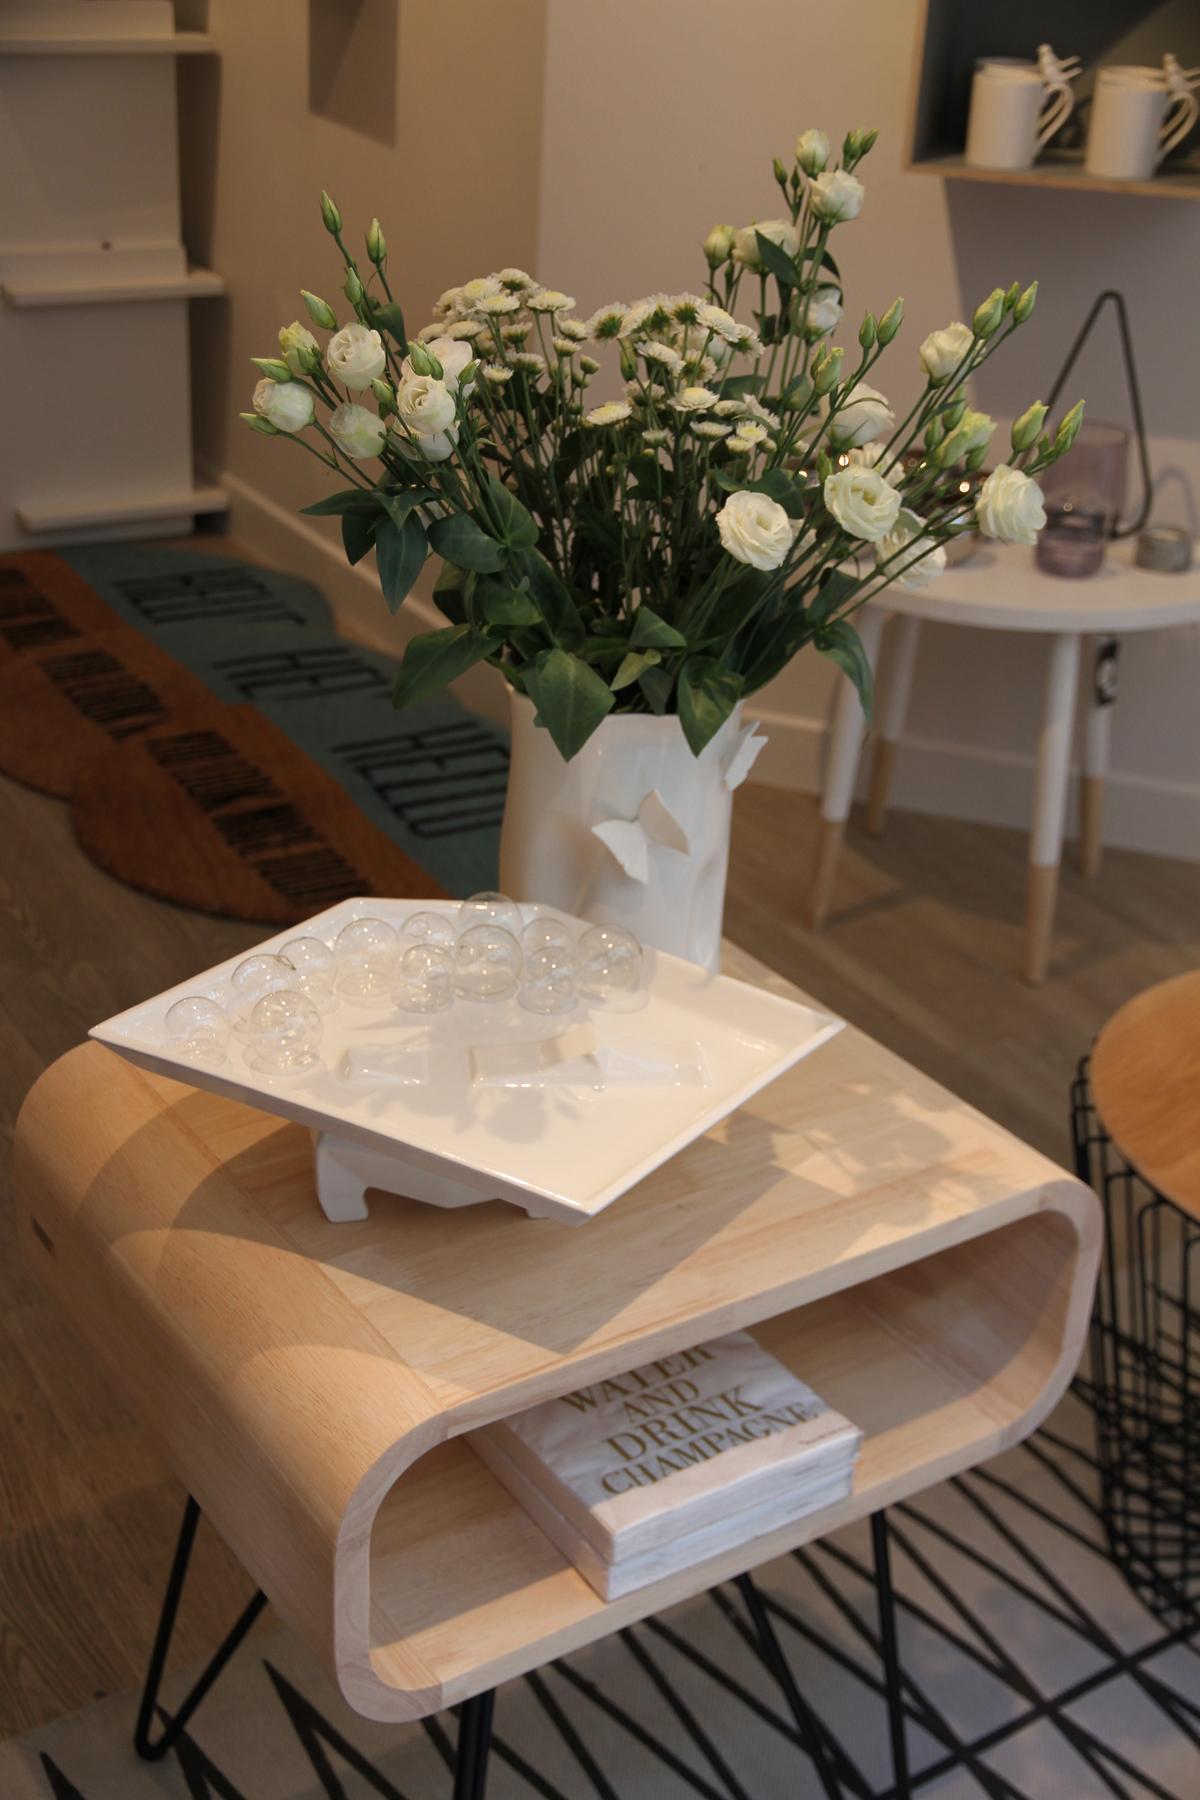 la d co comingb chez capsule le buzz de rouen. Black Bedroom Furniture Sets. Home Design Ideas